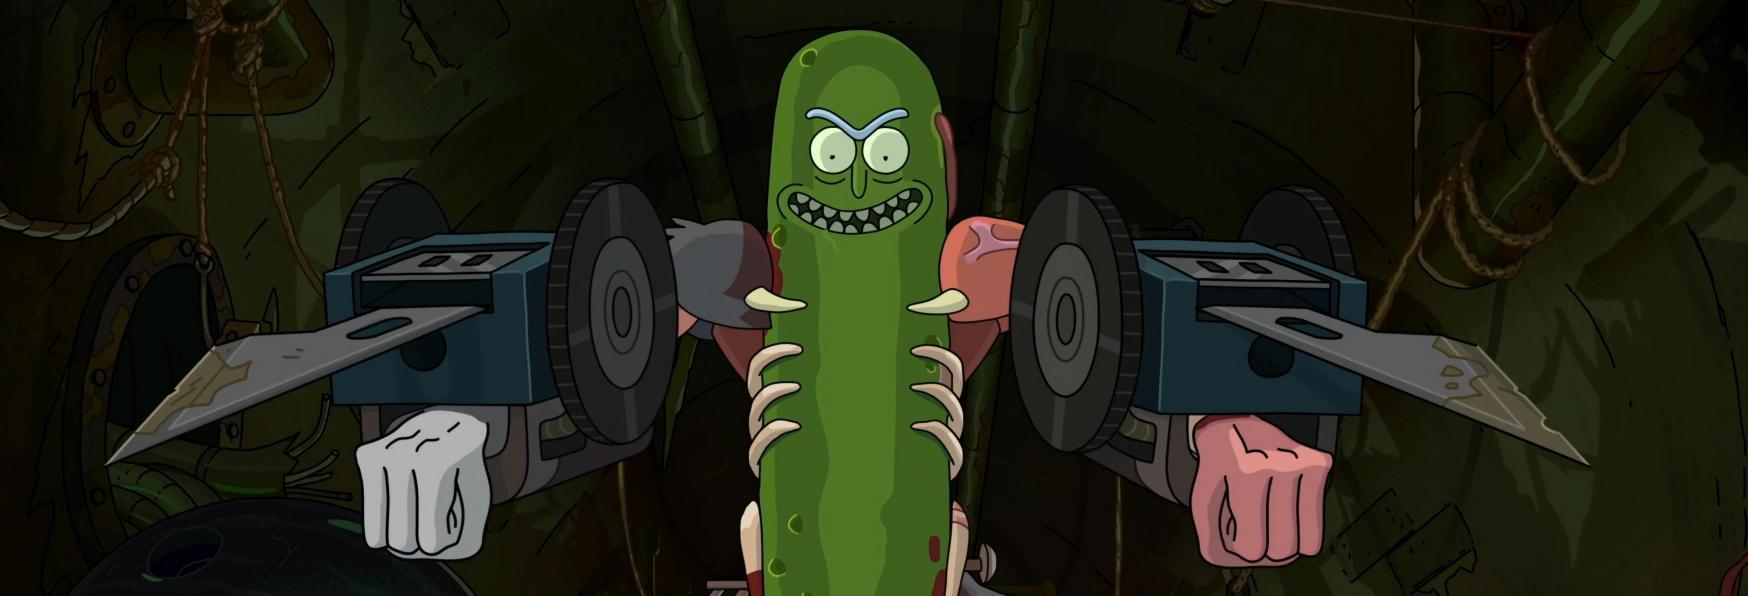 Rick and Morty: Rivedremo Pickle Rick nella Serie Animata? Le parole dello Showrunner